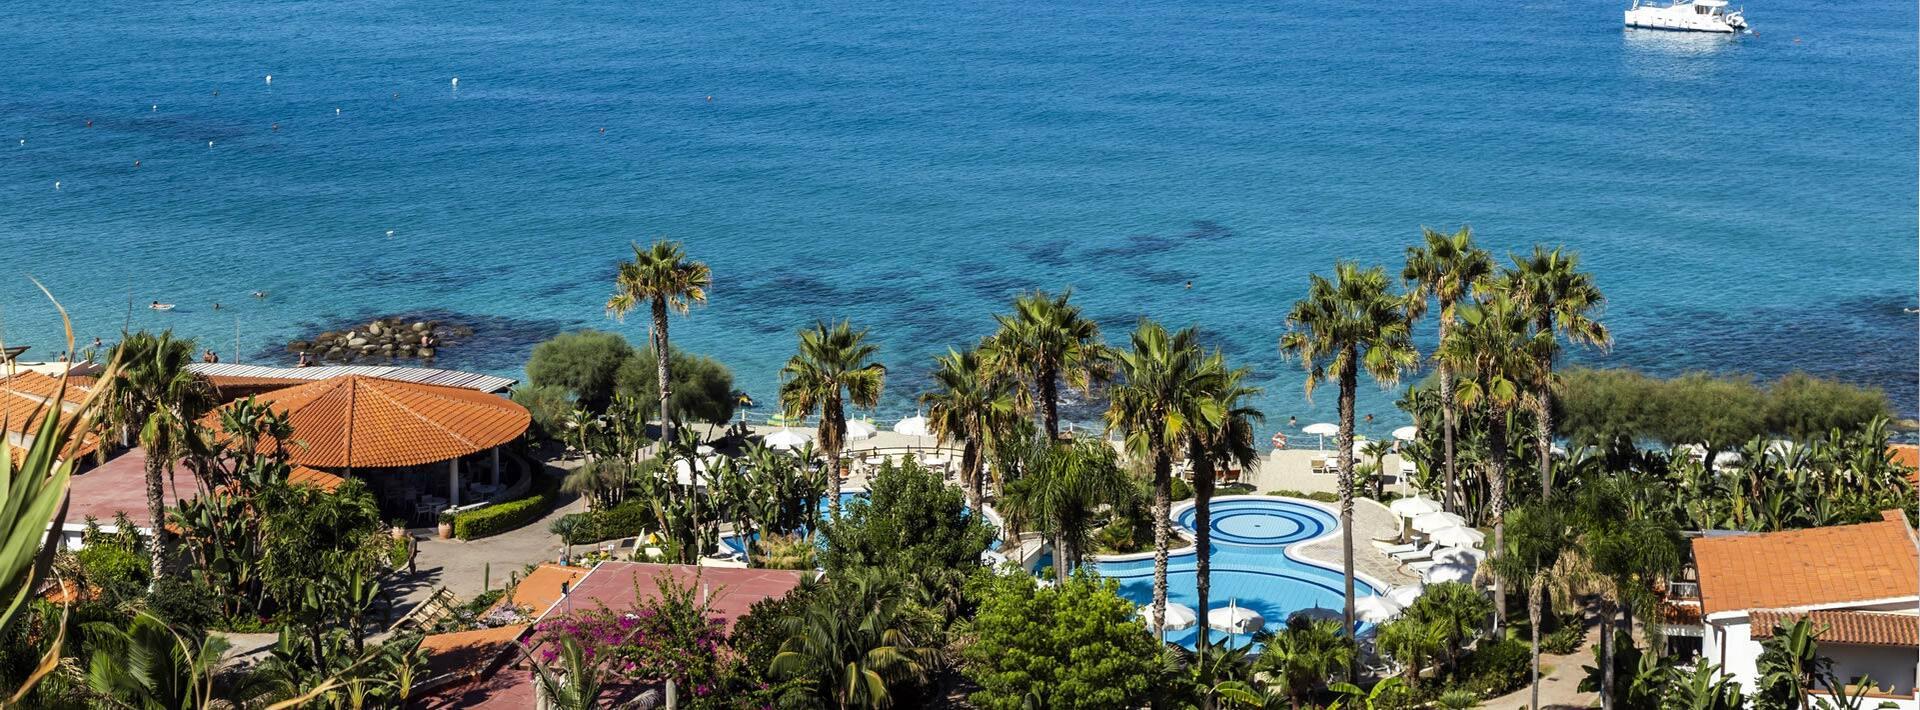 villaggioilgabbiano it offerta-vacanze-estate-villaggio-4-stelle-calabria 010